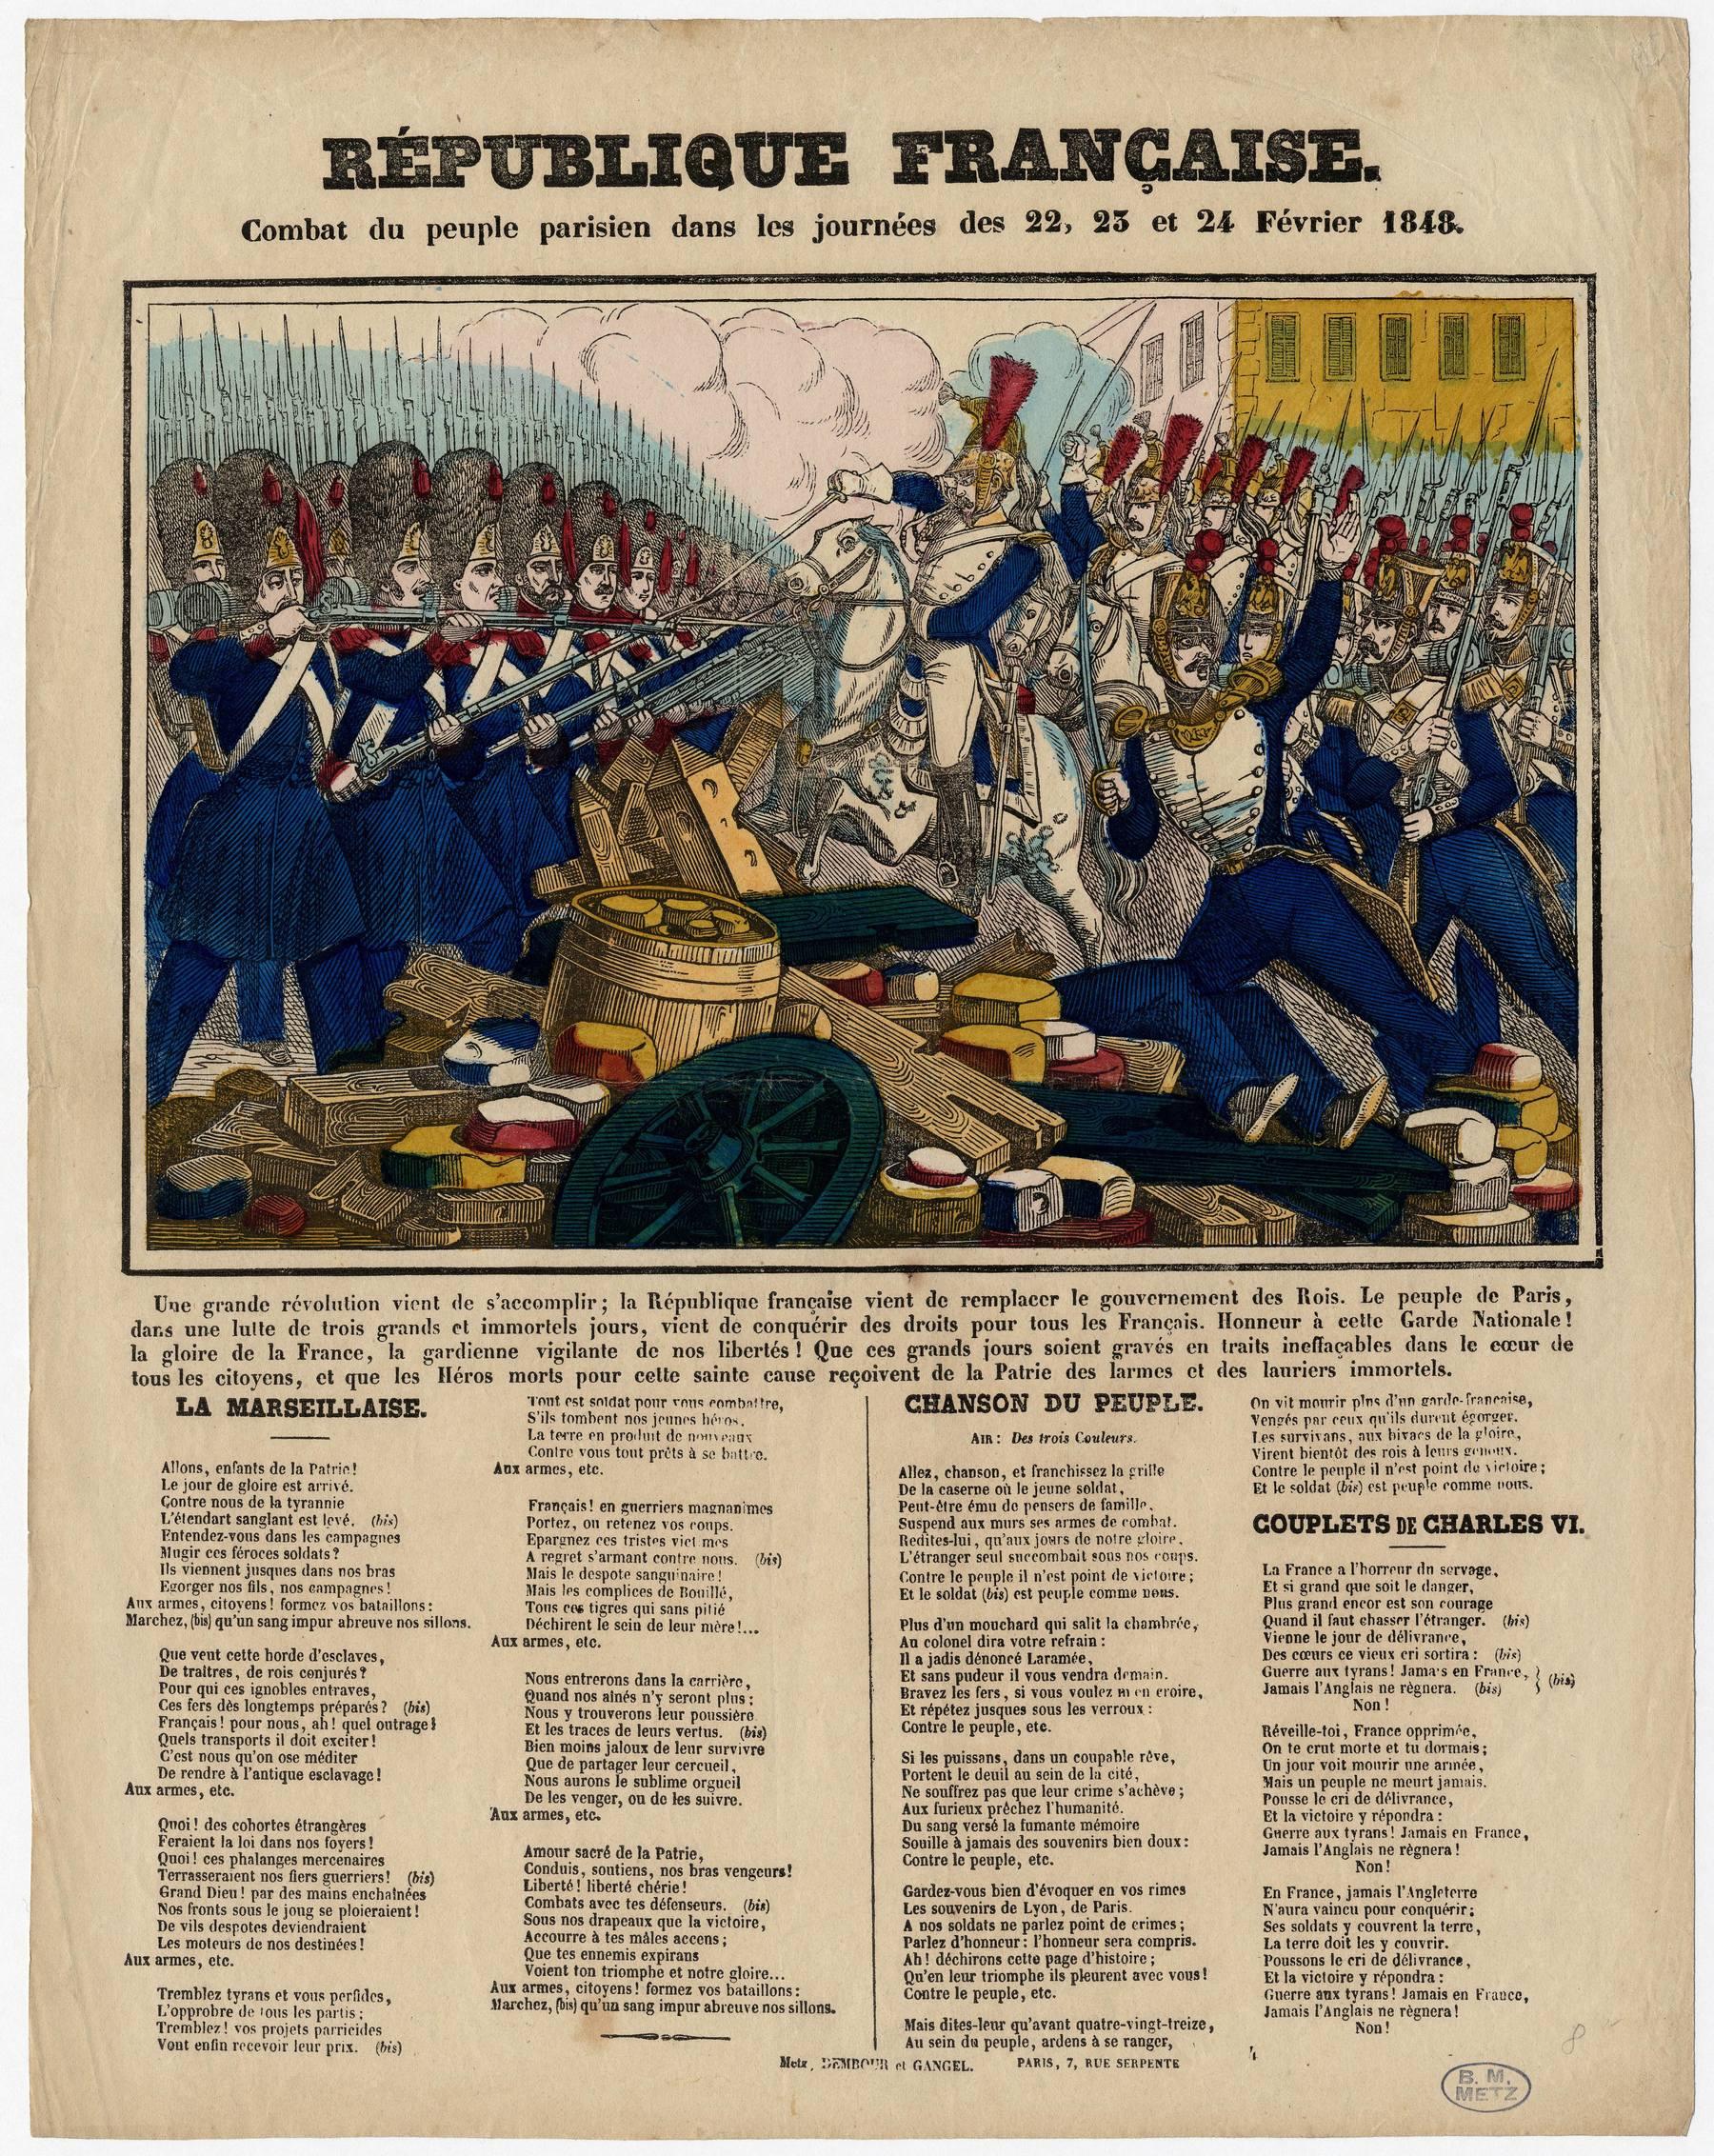 Contenu du République française : combat du peuple parisien dans les journées des 22-23 et 24 février 1848